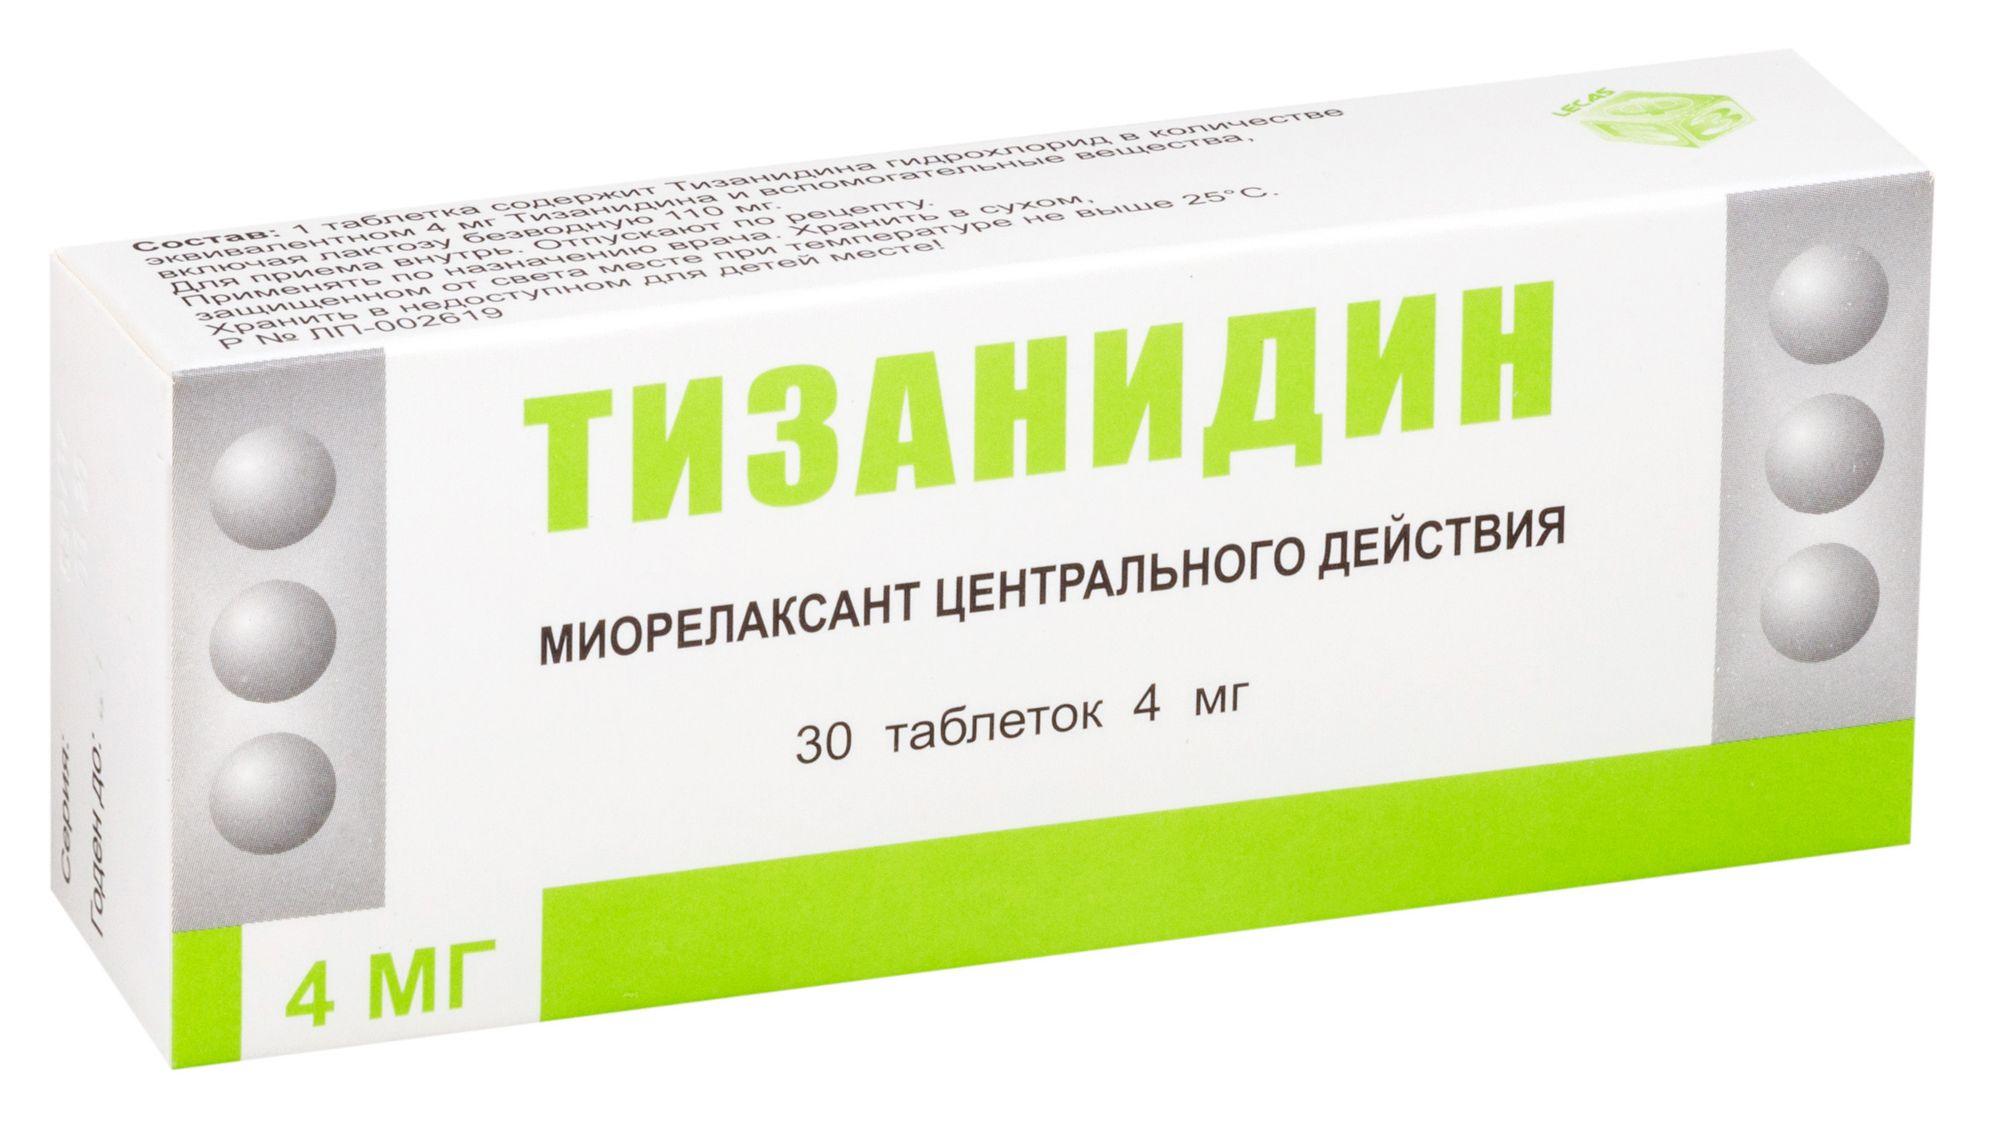 Тизанидин: инструкция по применению, действие, показания